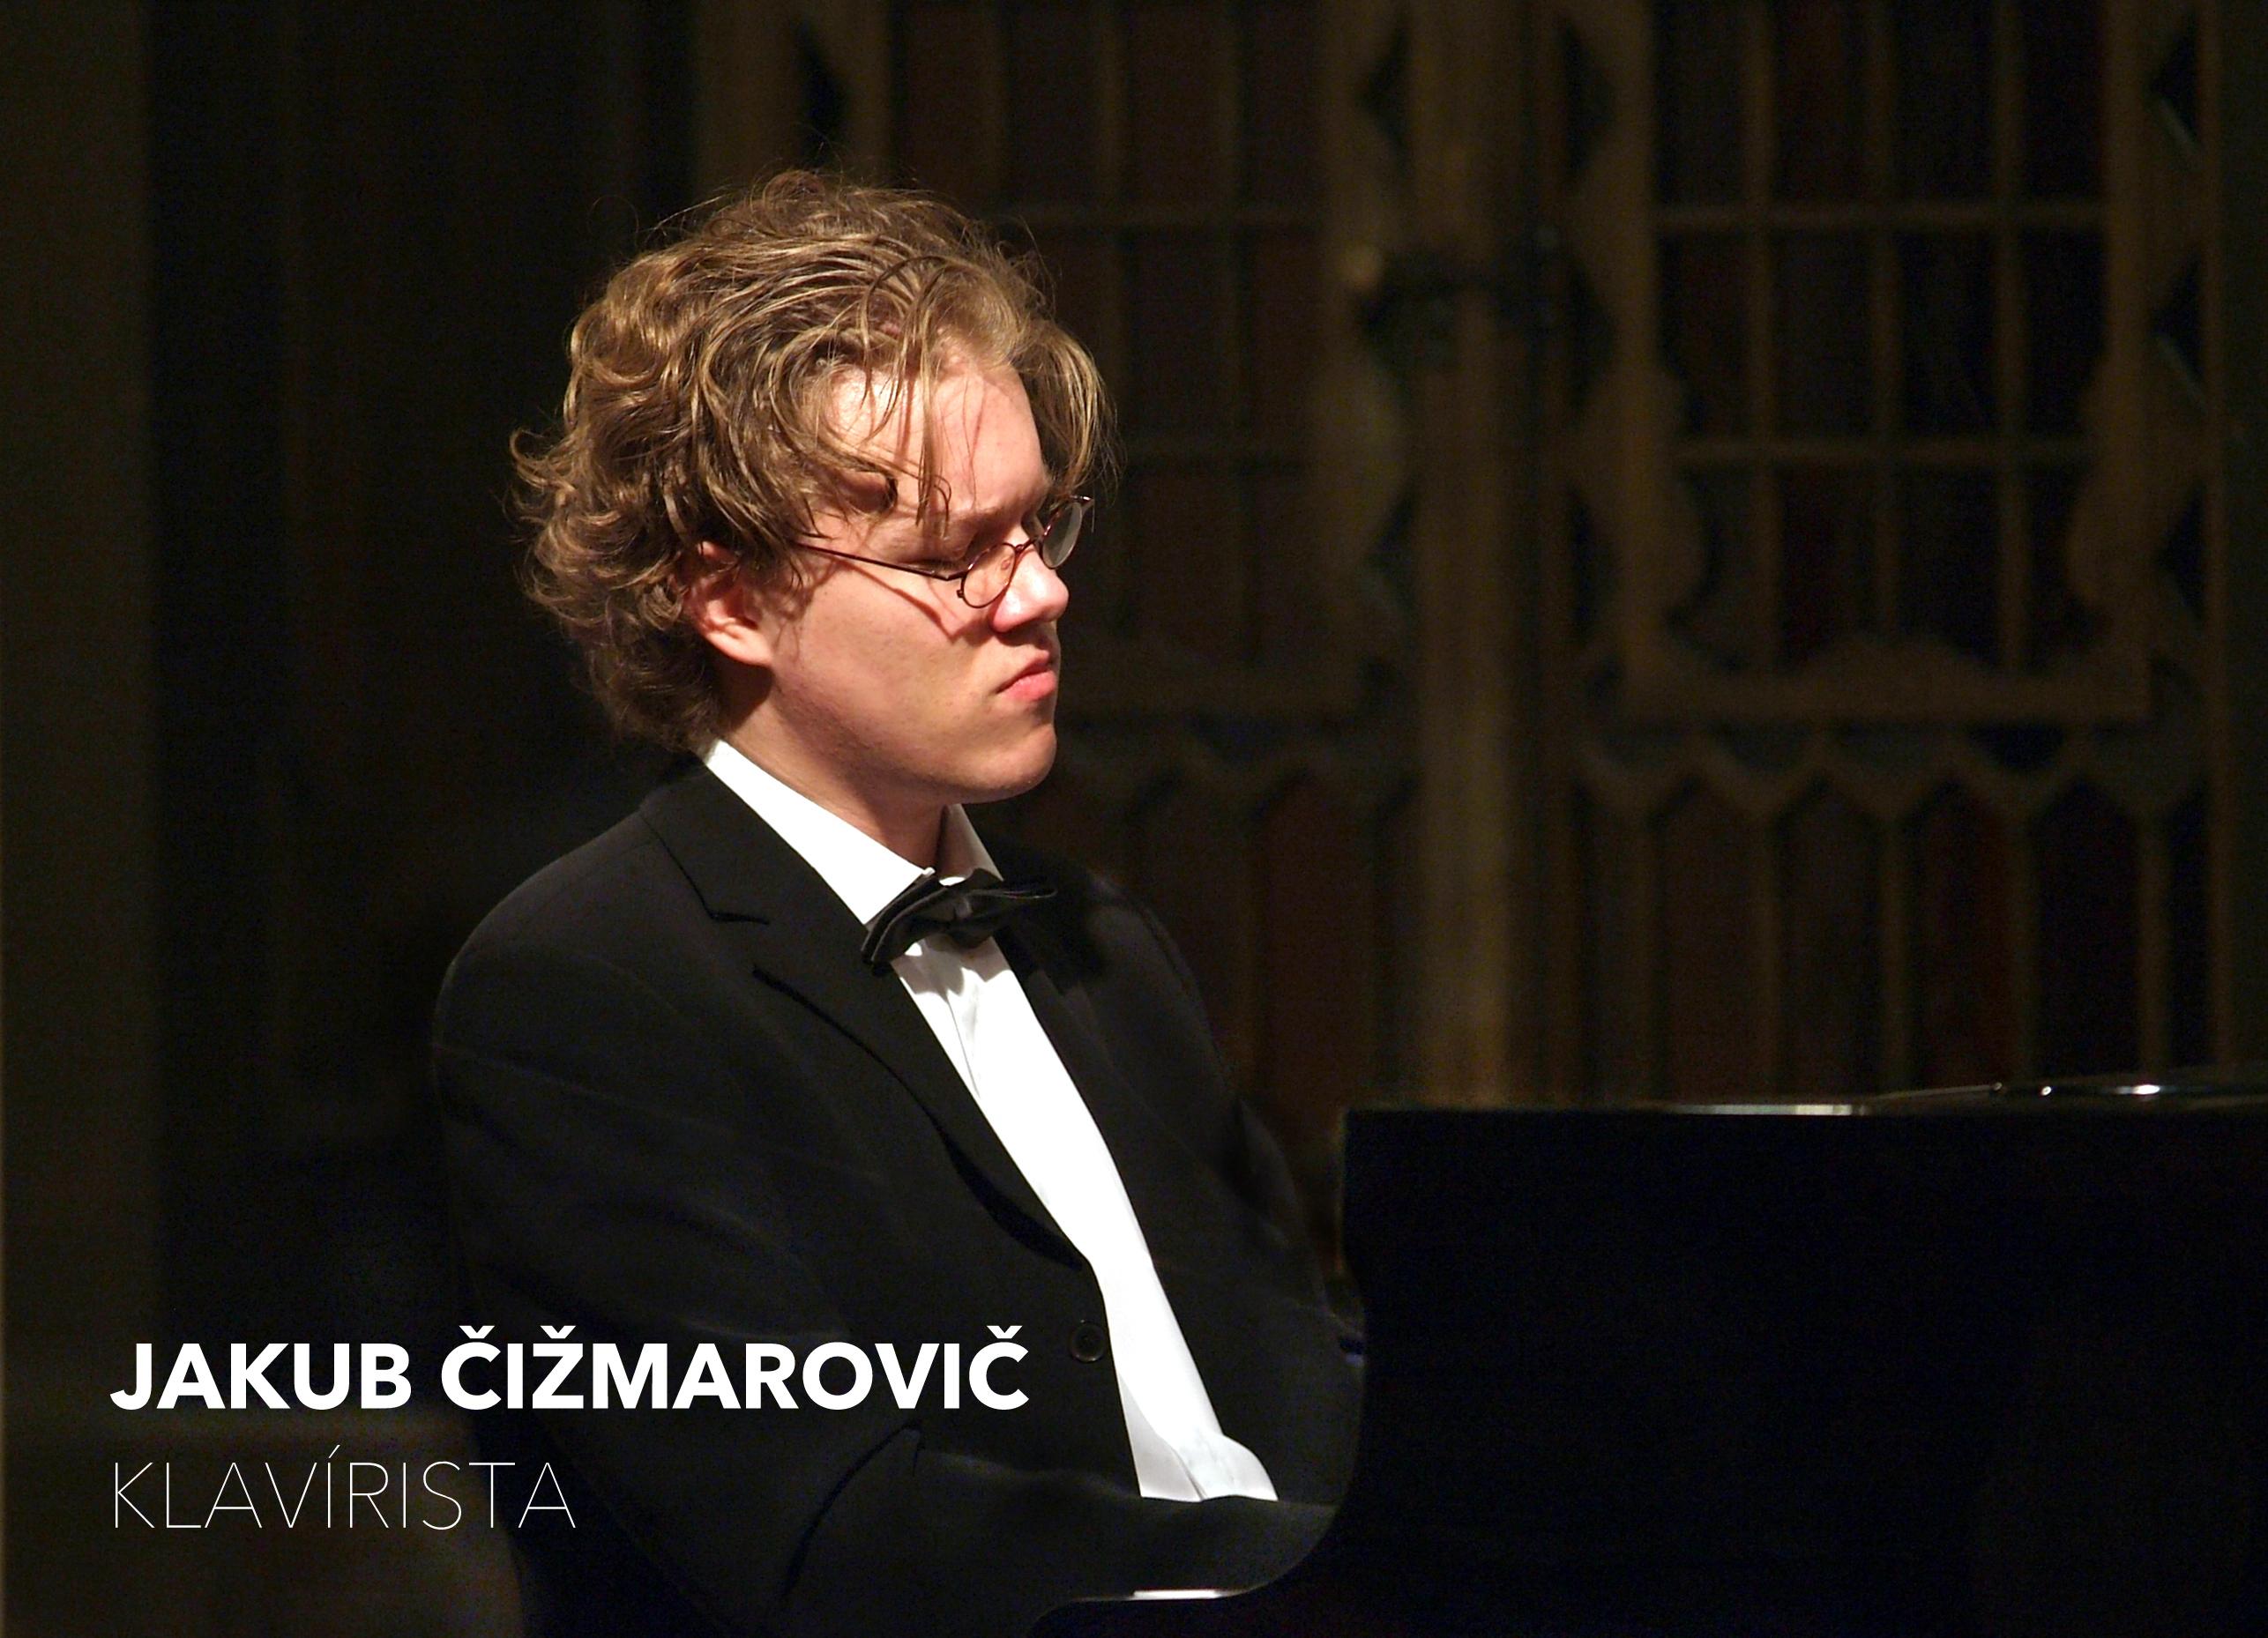 Jakub Cizmarovic